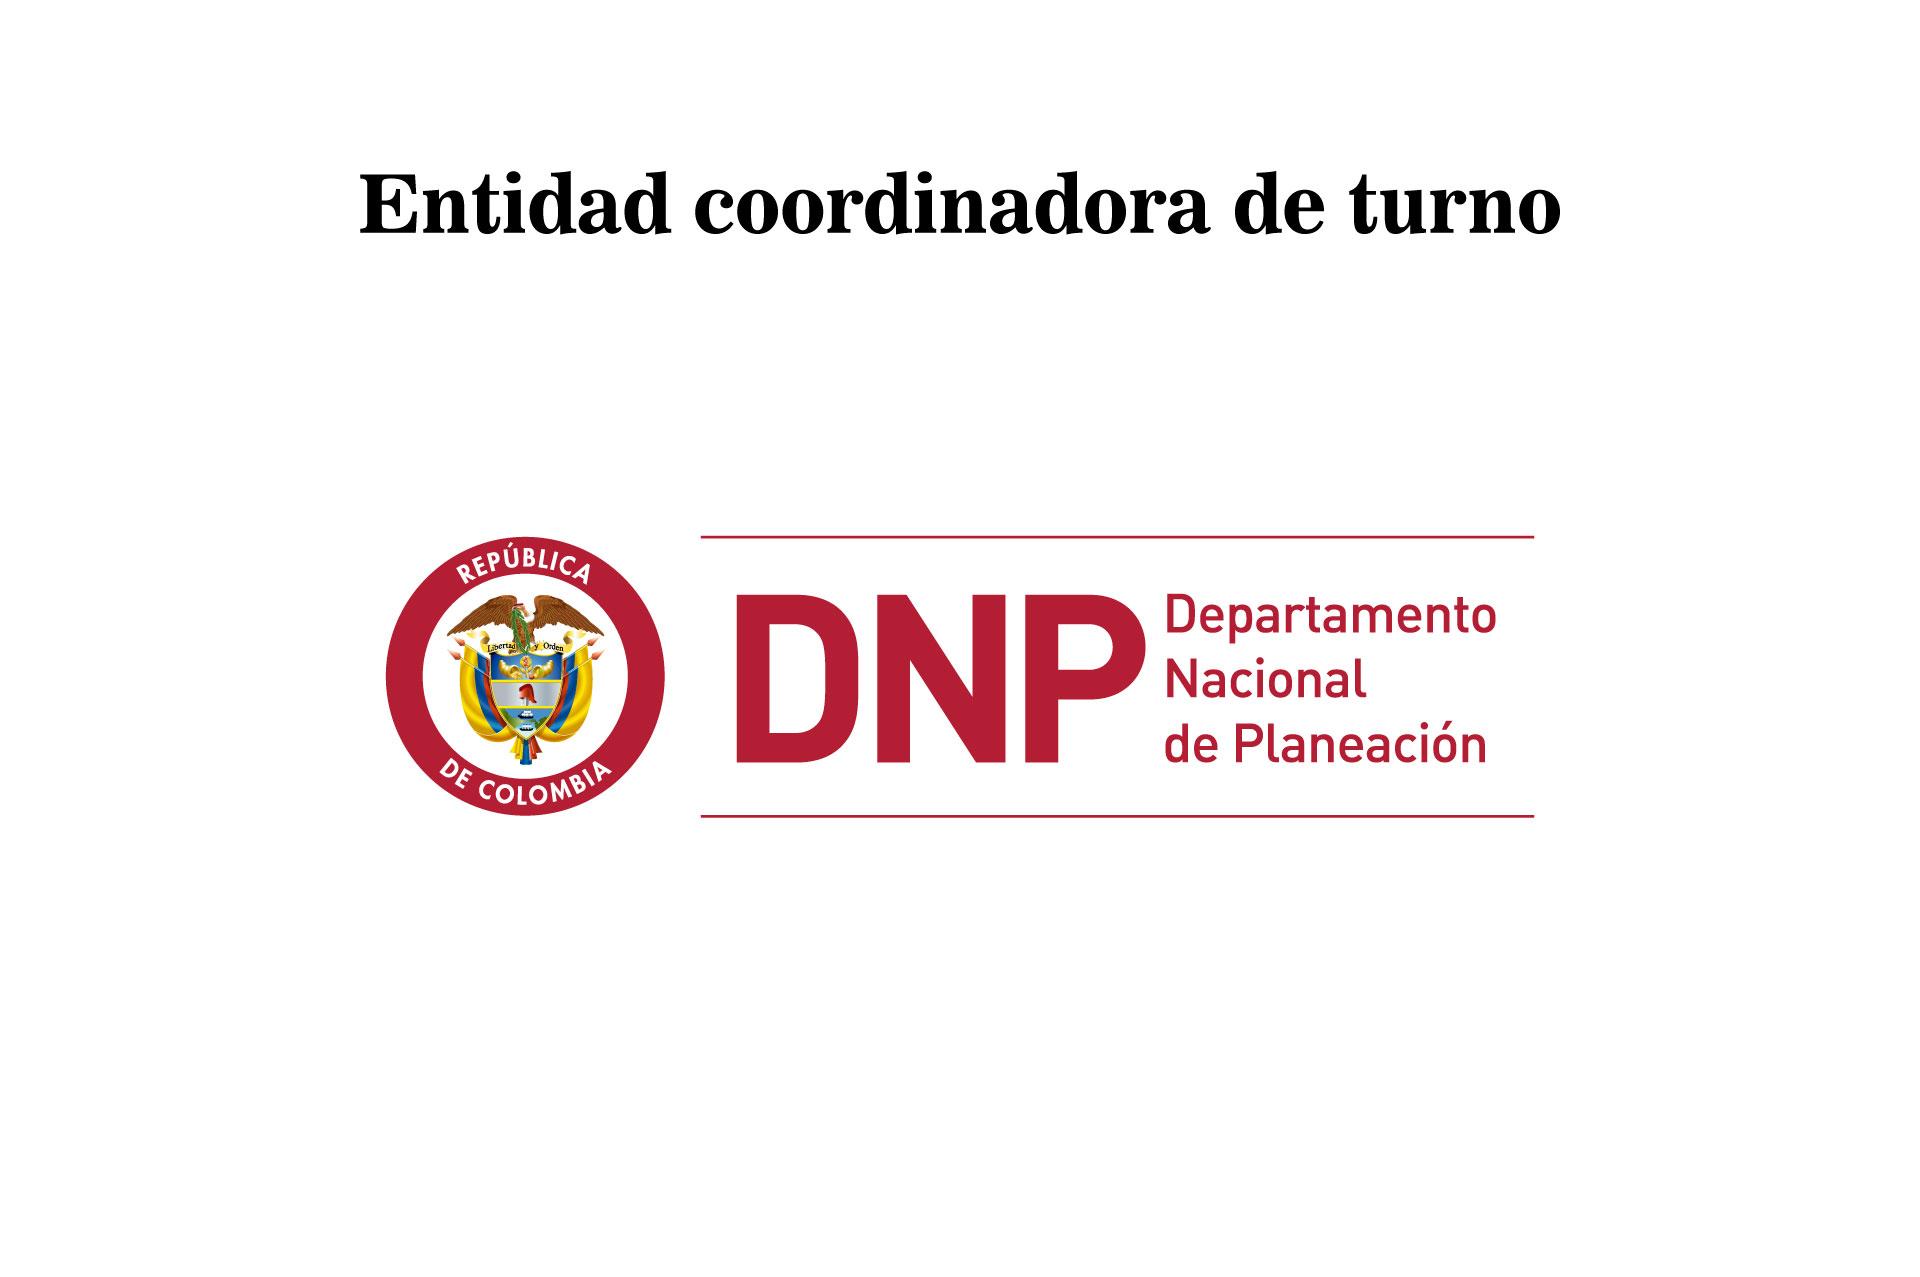 Entidad Coordinadora de turno DNP